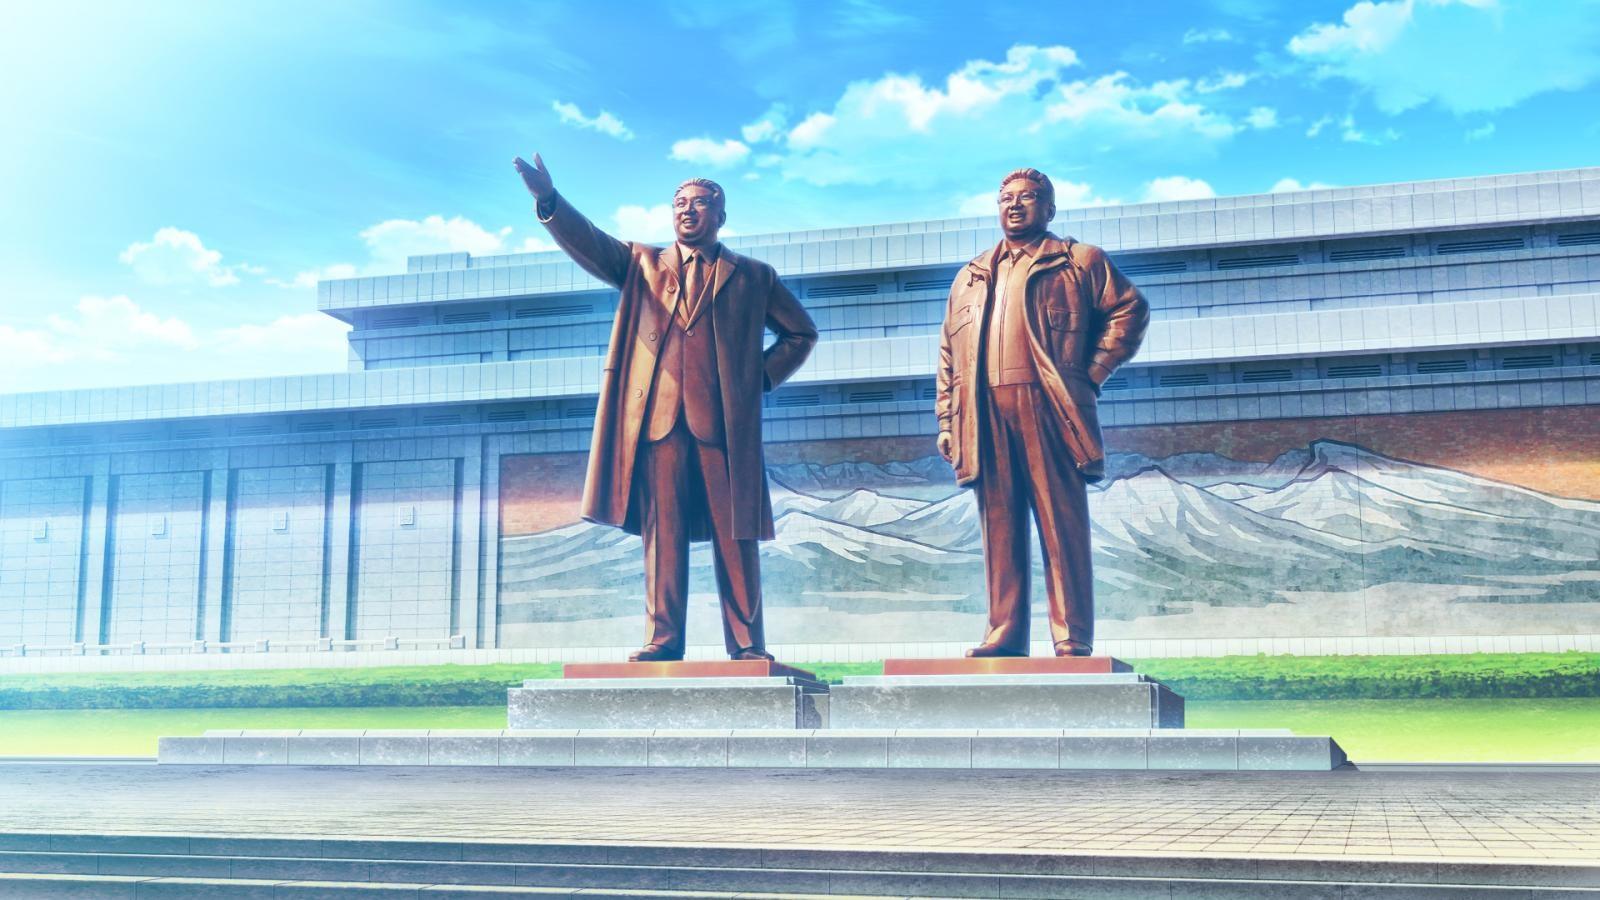 超奇葩H-GAME遊戲《北韓姊妹丼》攻略巨乳失敗就會被抓去勞改